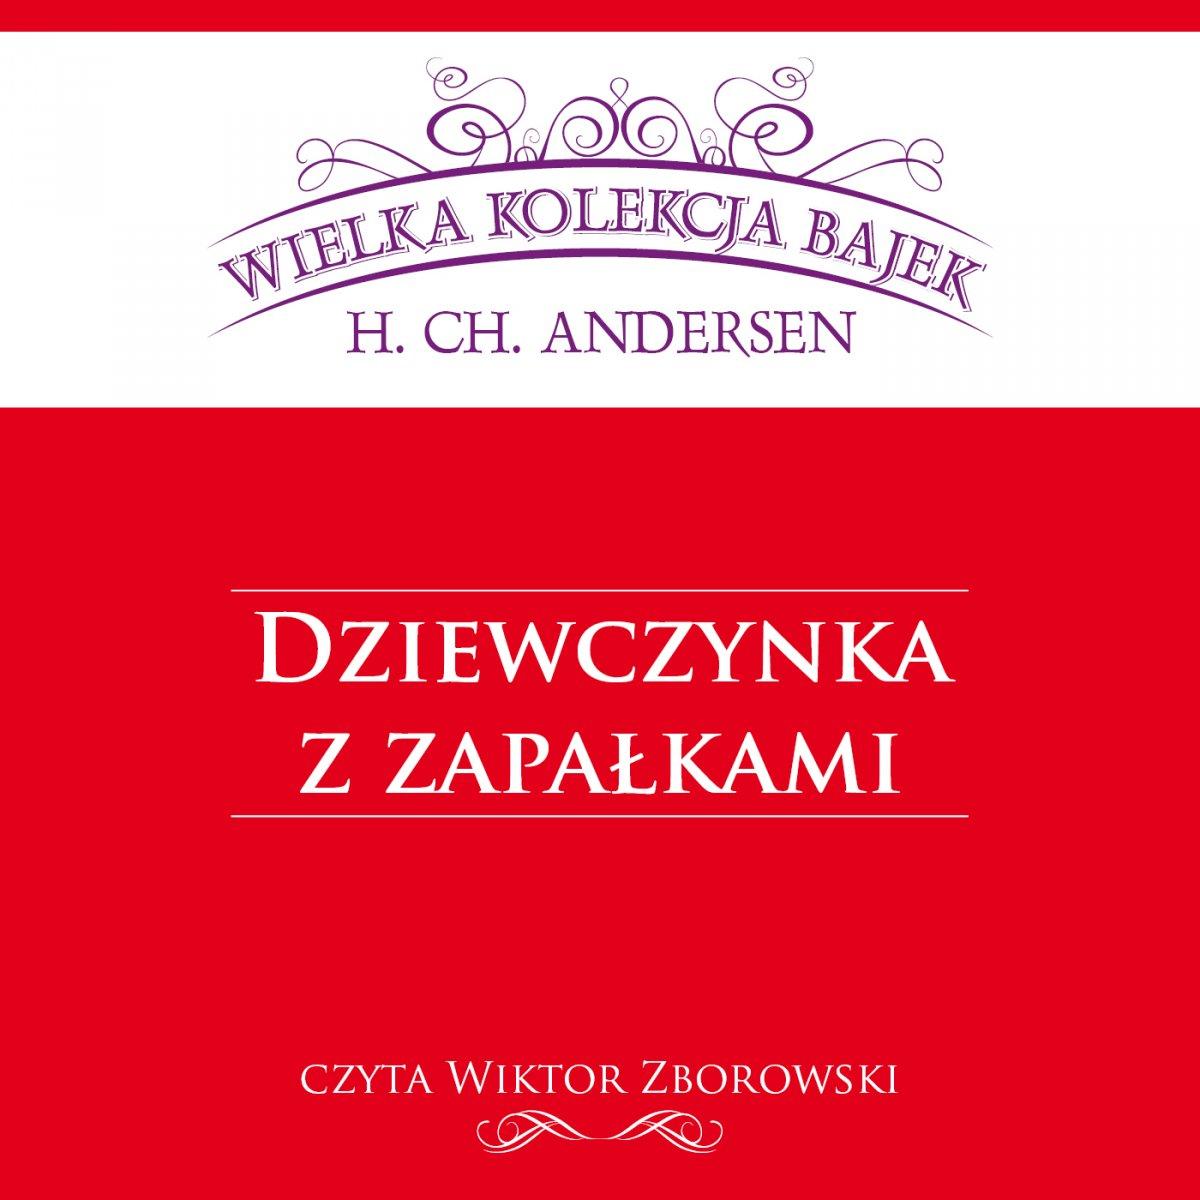 Dziewczynka z zapałkami (Wielka Kolekcja Bajek) - Audiobook (Książka audio MP3) do pobrania w całości w archiwum ZIP